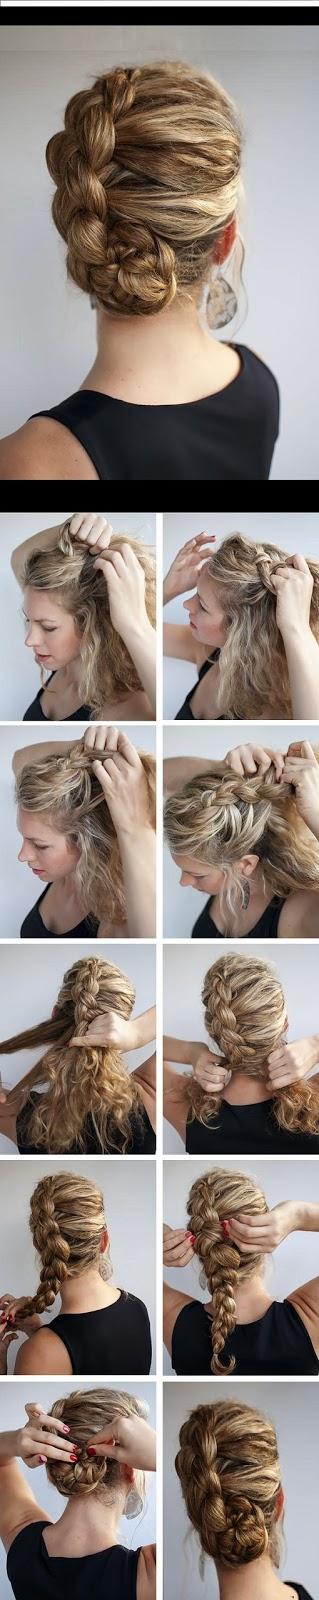 Modele de coupe de cheveux court pour femme coiffeur branche montpellier Shop vnsgr